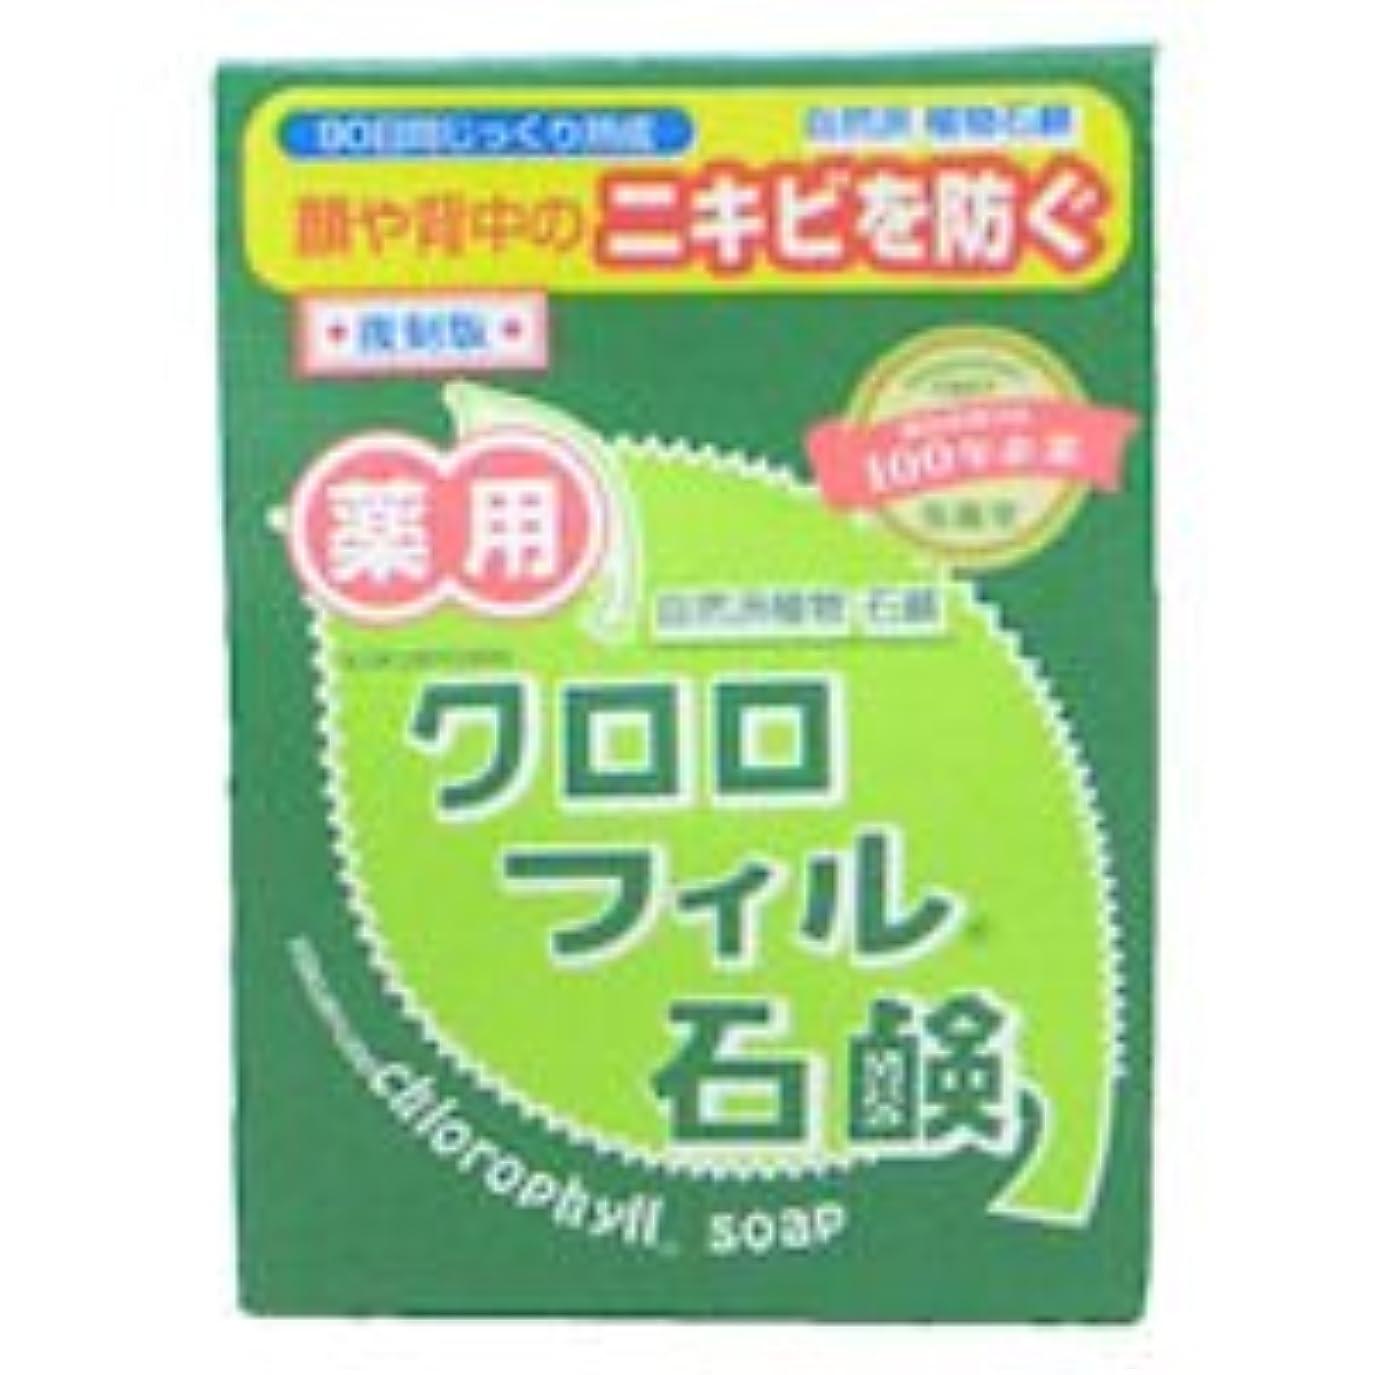 スーツ昆虫を見る荒涼とした【黒龍堂】薬用 クロロフィル石鹸 85g